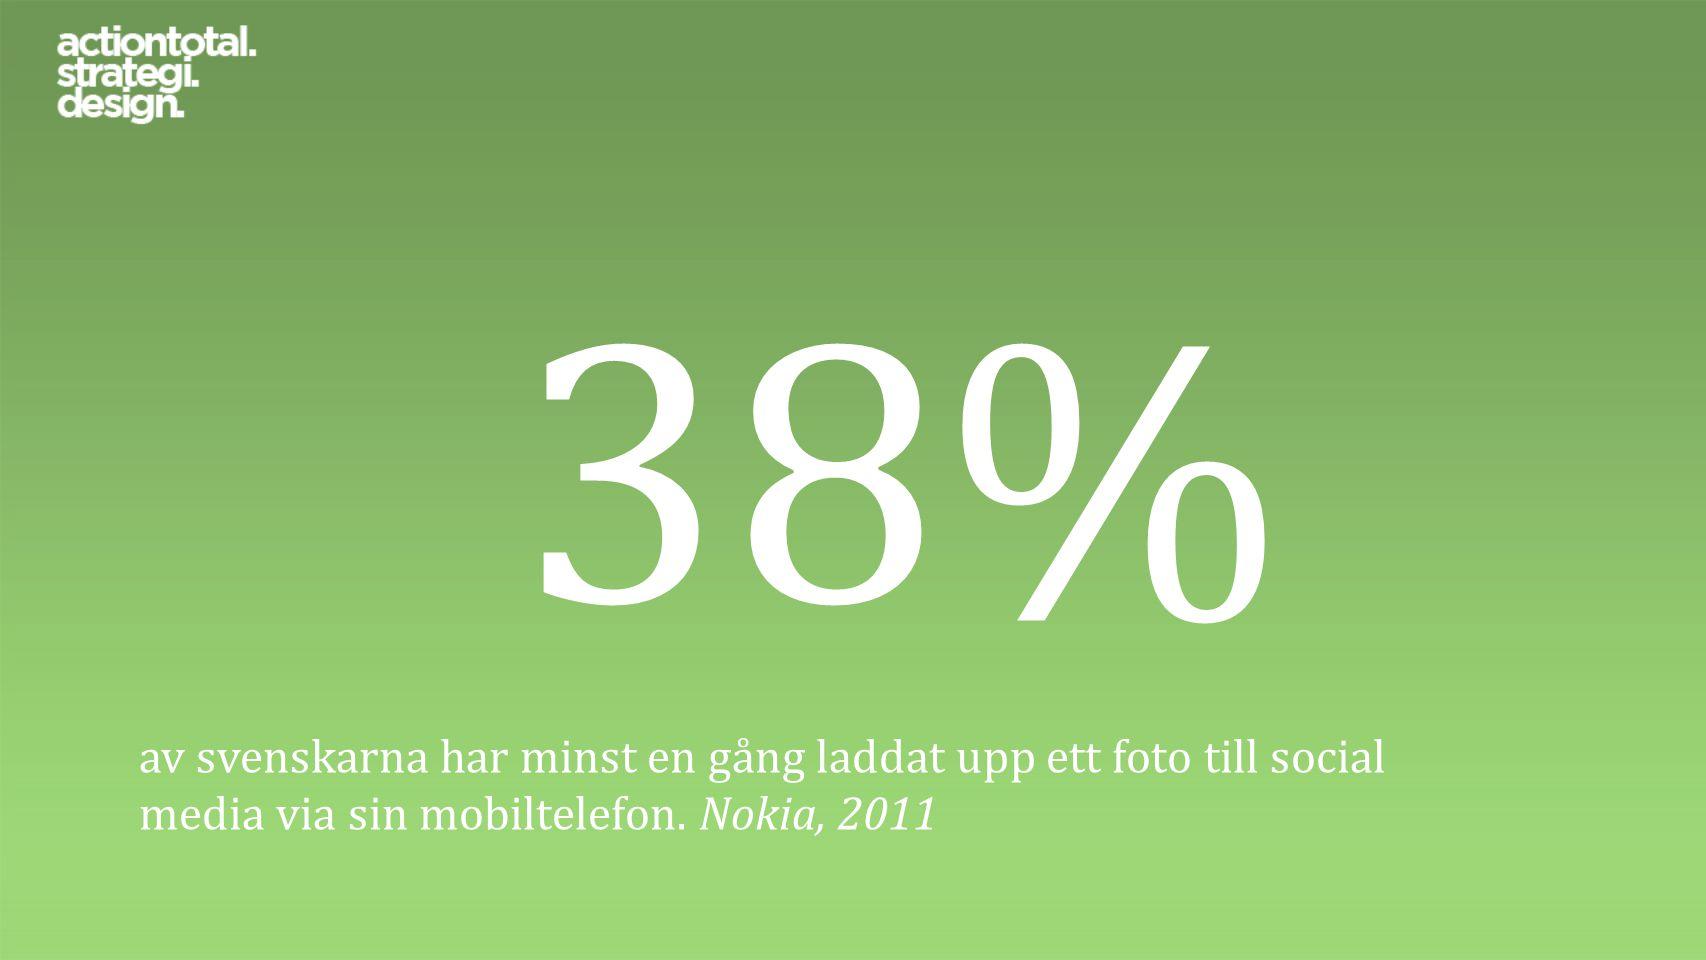 38% av svenskarna har minst en gång laddat upp ett foto till social media via sin mobiltelefon. Nokia, 2011